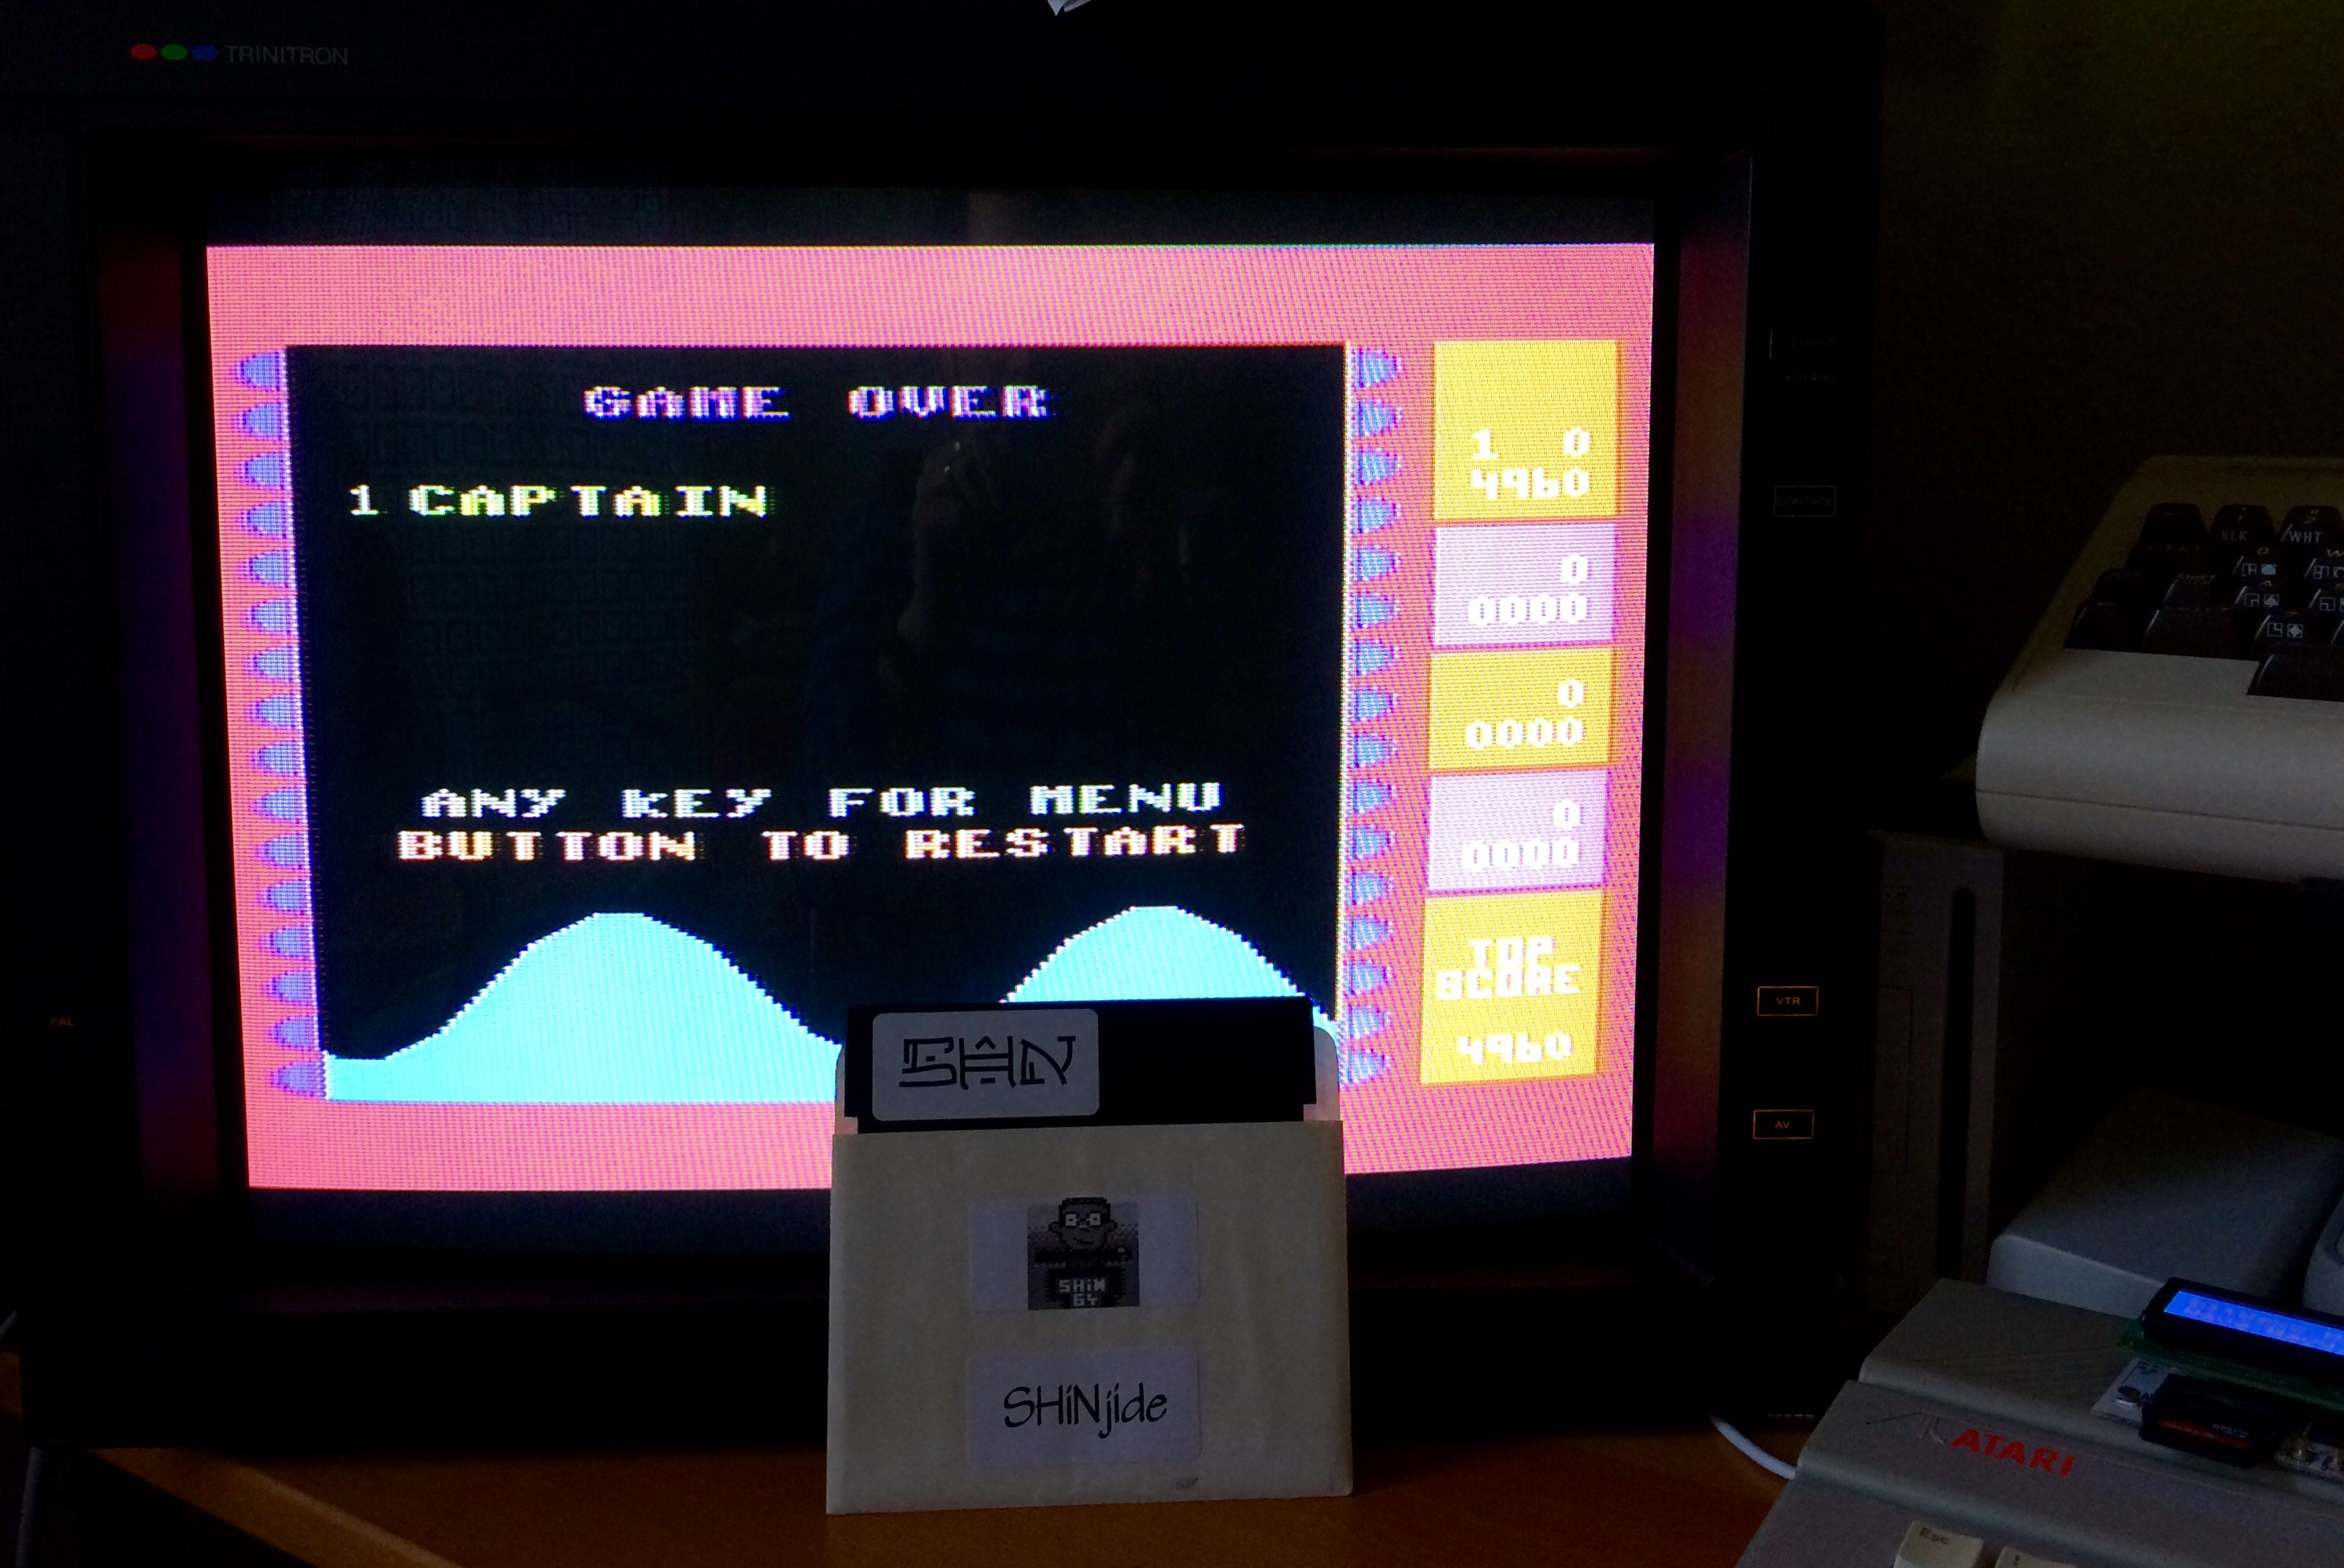 SHiNjide: Wavy Navy (Atari 400/800/XL/XE) 4,960 points on 2015-01-18 06:09:01